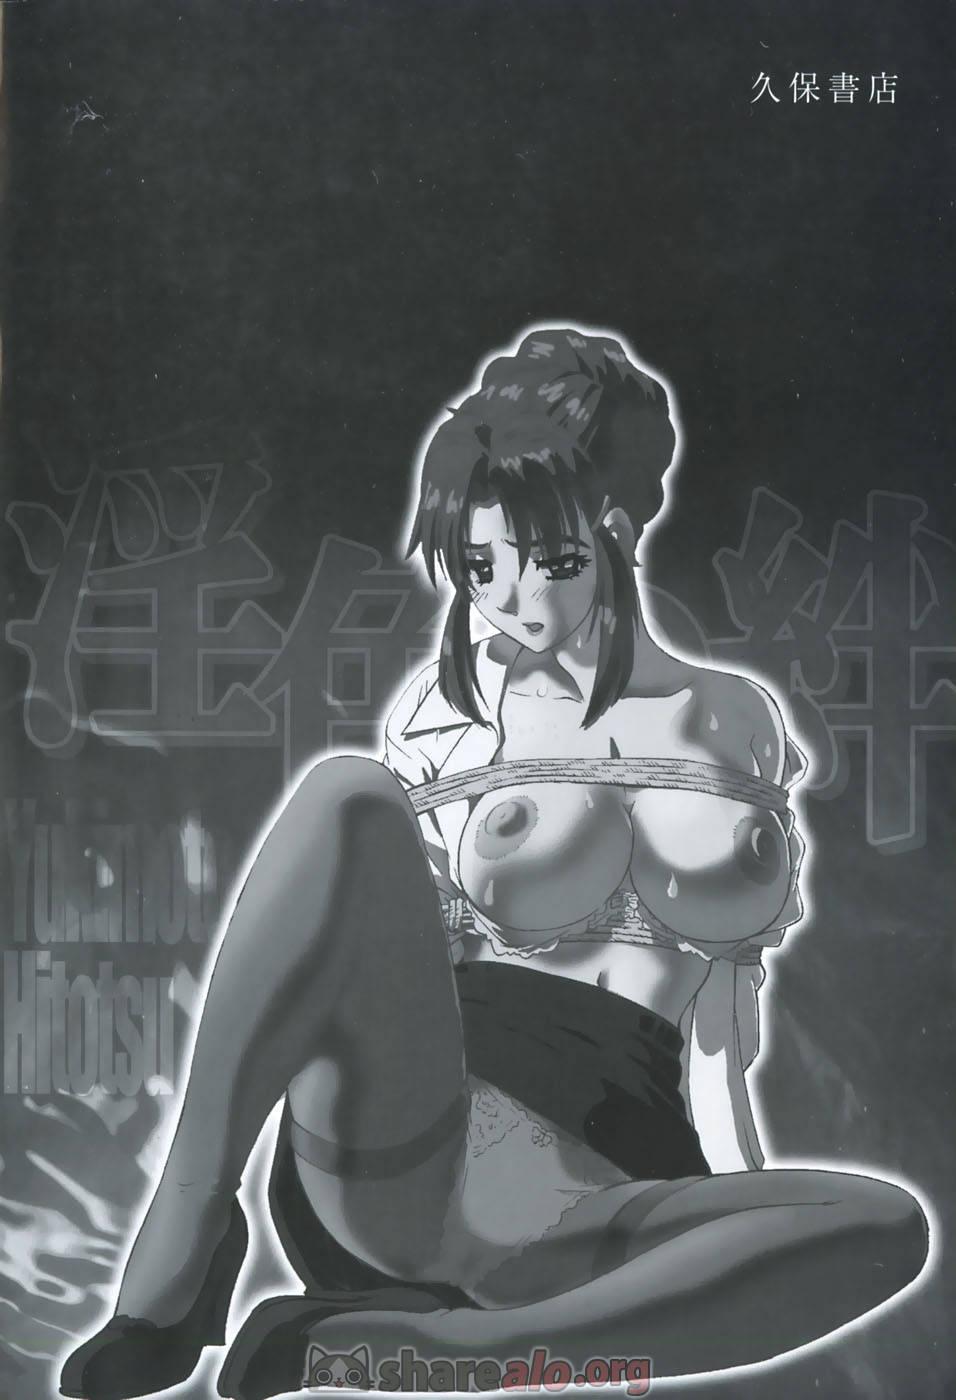 [ Inshoku no Kizuna Manga Hentai ]: Comics Porno Manga Hentai [ A2RSLt8V ]